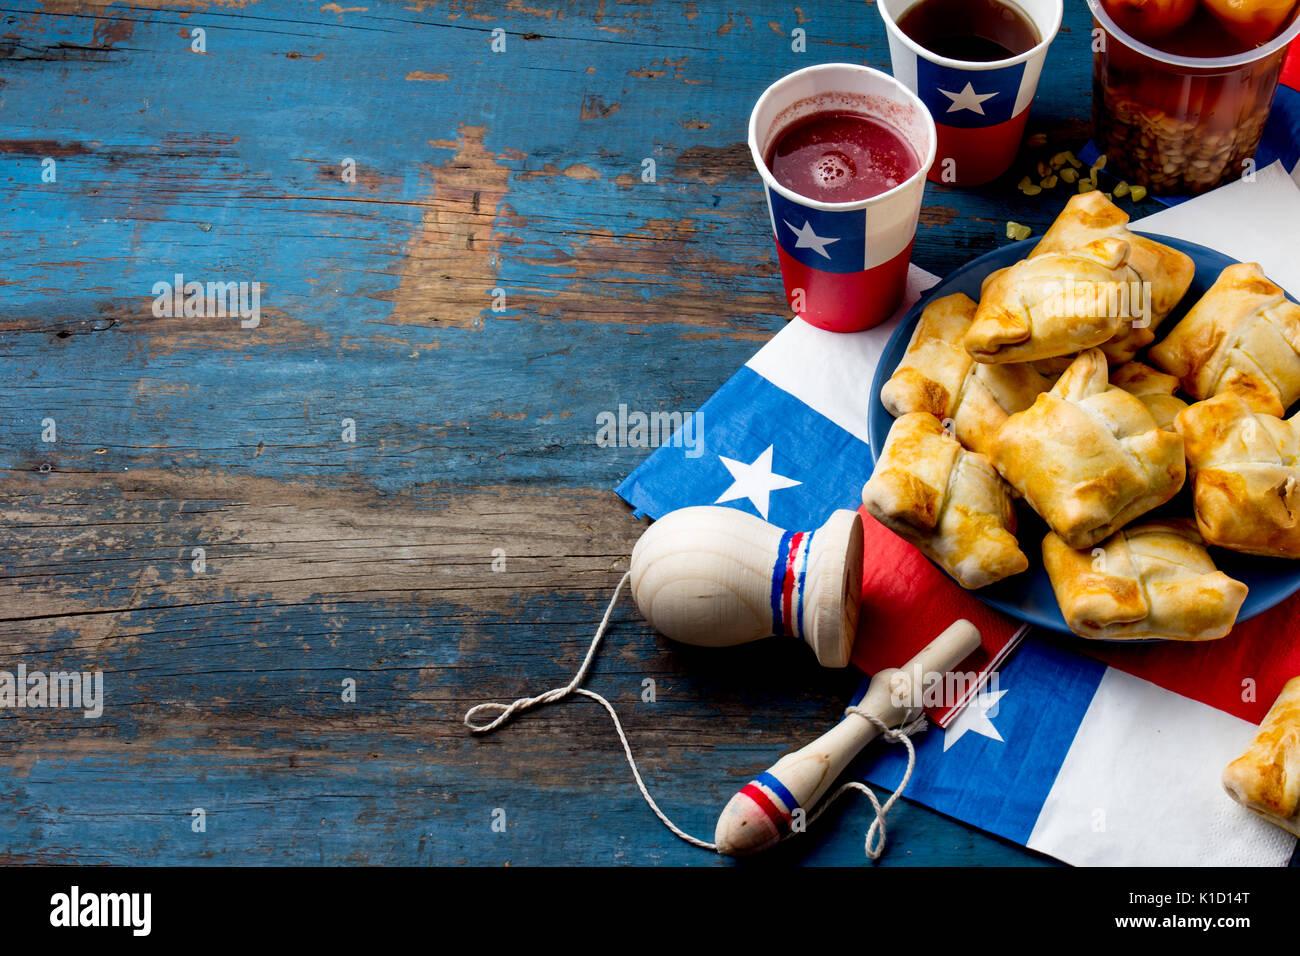 Concepto Del Día De La Independencia Chilena Fiestas Patrias Plato Típico Chileno Y Beber En La Fiesta Del Día De La Independencia El 18 De Septiembre Mini Empanadas Mote Con Hu Fotografía